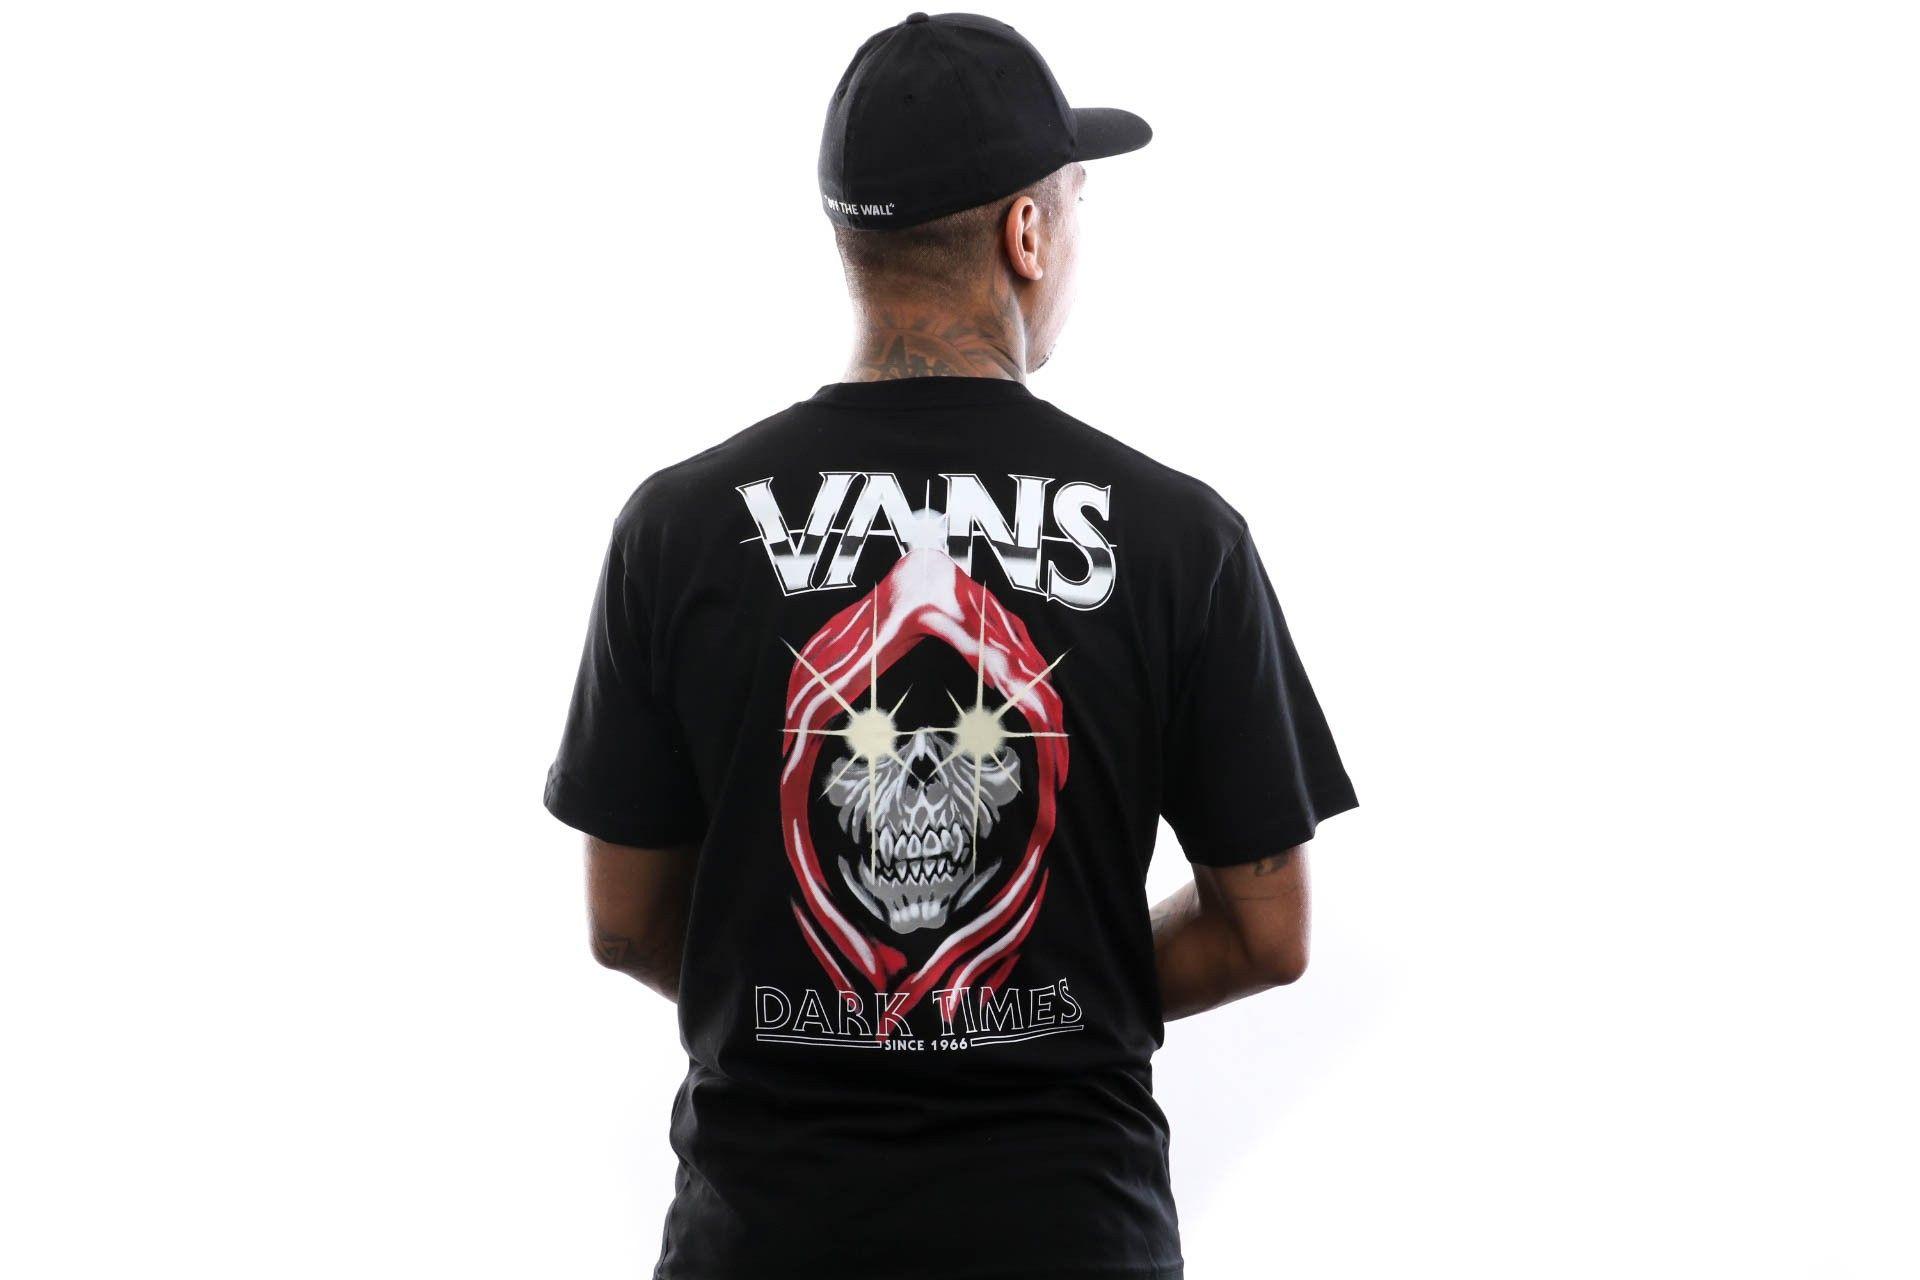 Afbeelding van Vans T-Shirt Mn Dark Times Ss Black VN0A49QABLK1